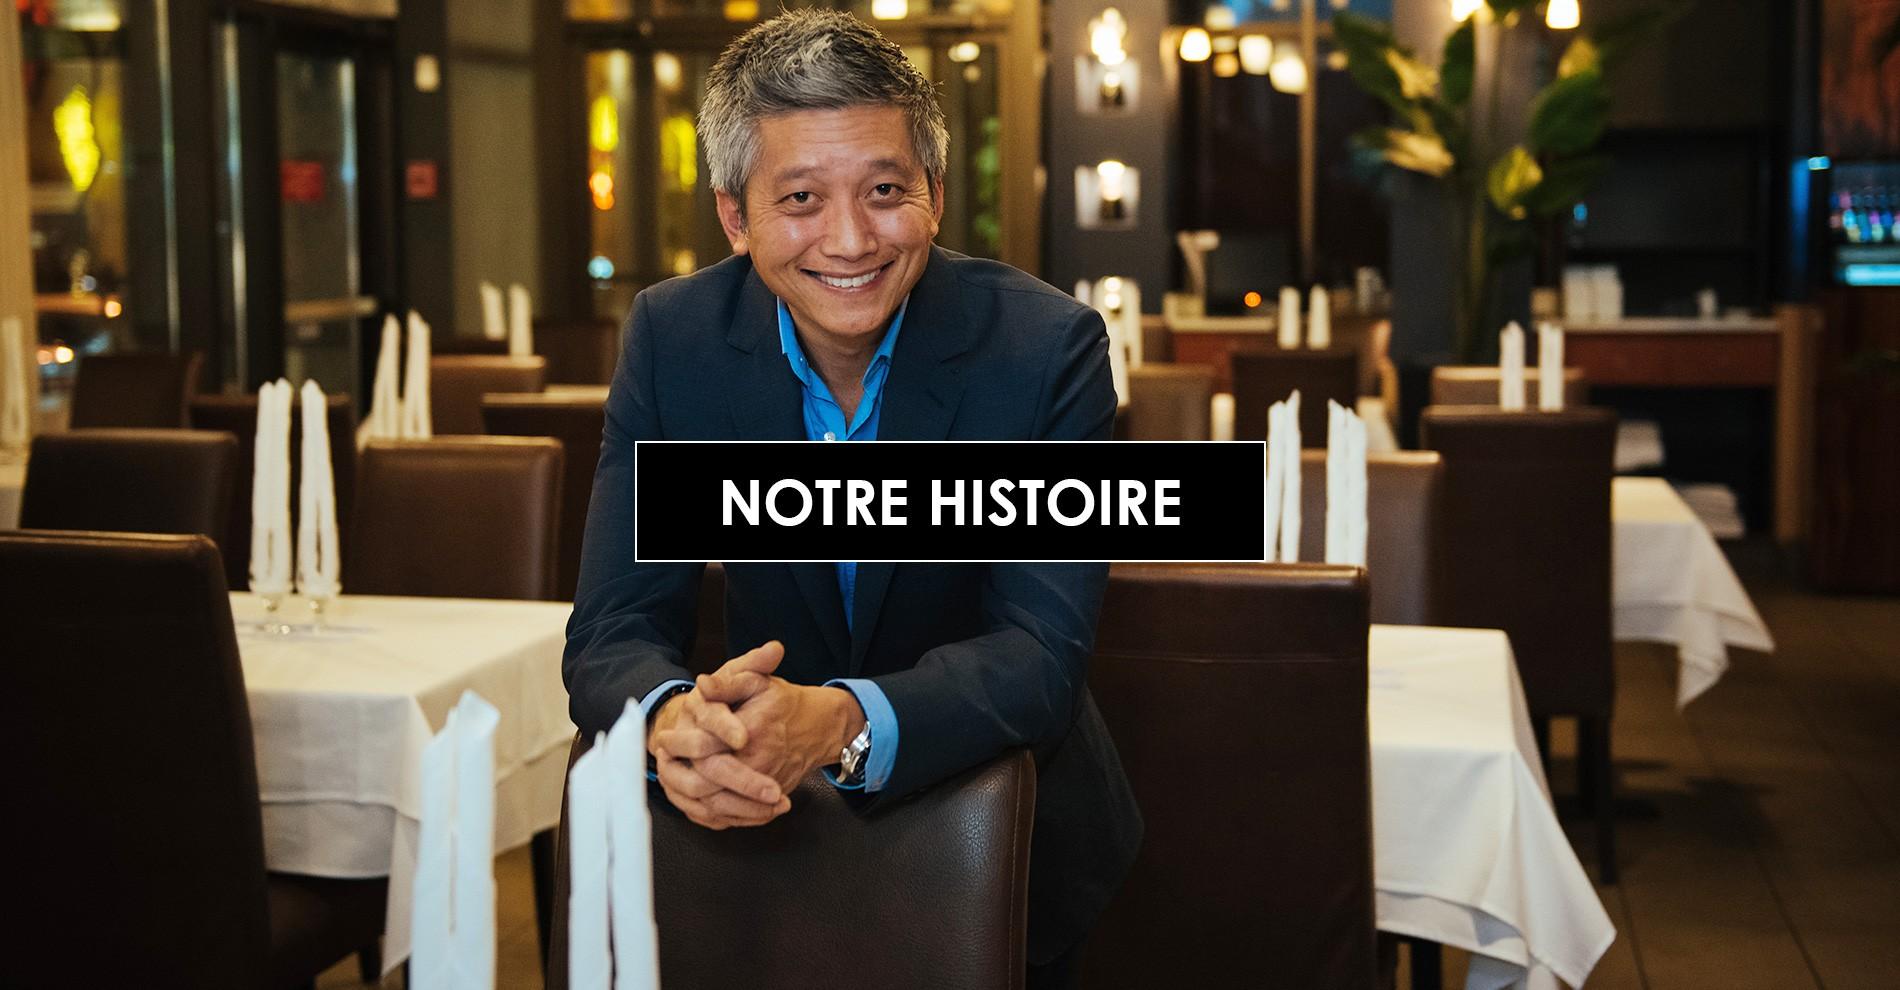 Notre Histoire Notre Histoire Fr